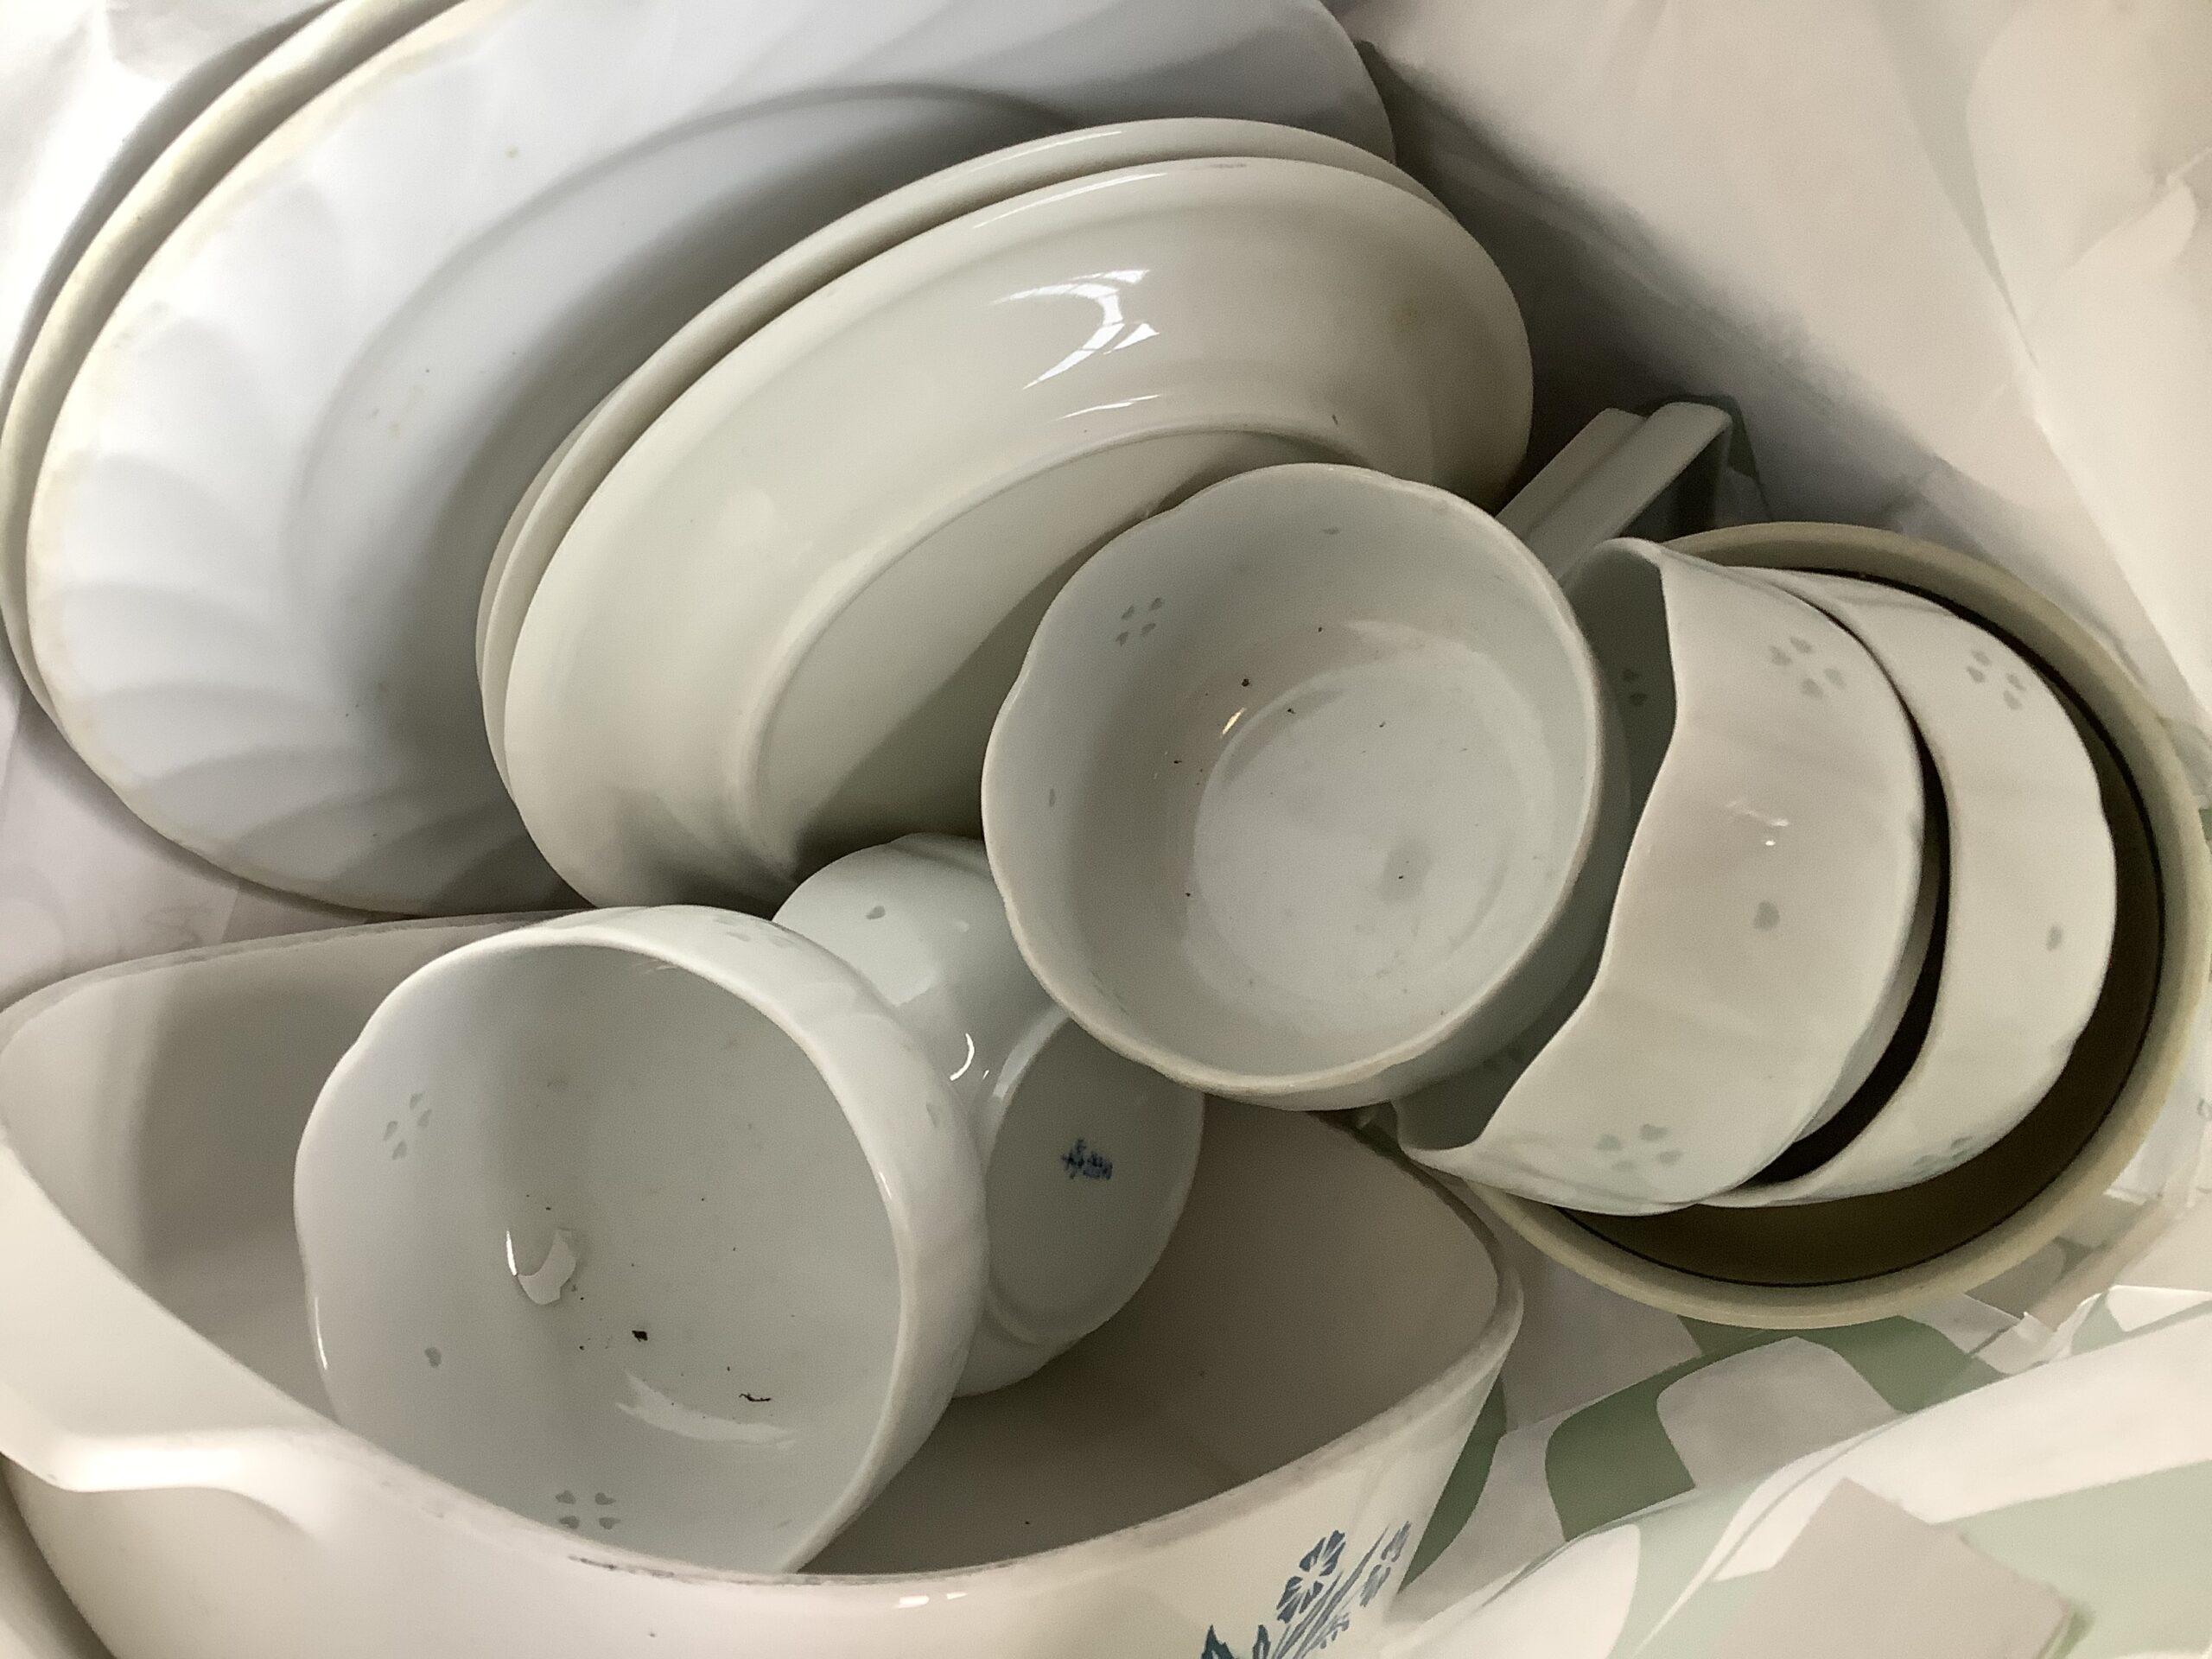 福山市新市町で回収した食器